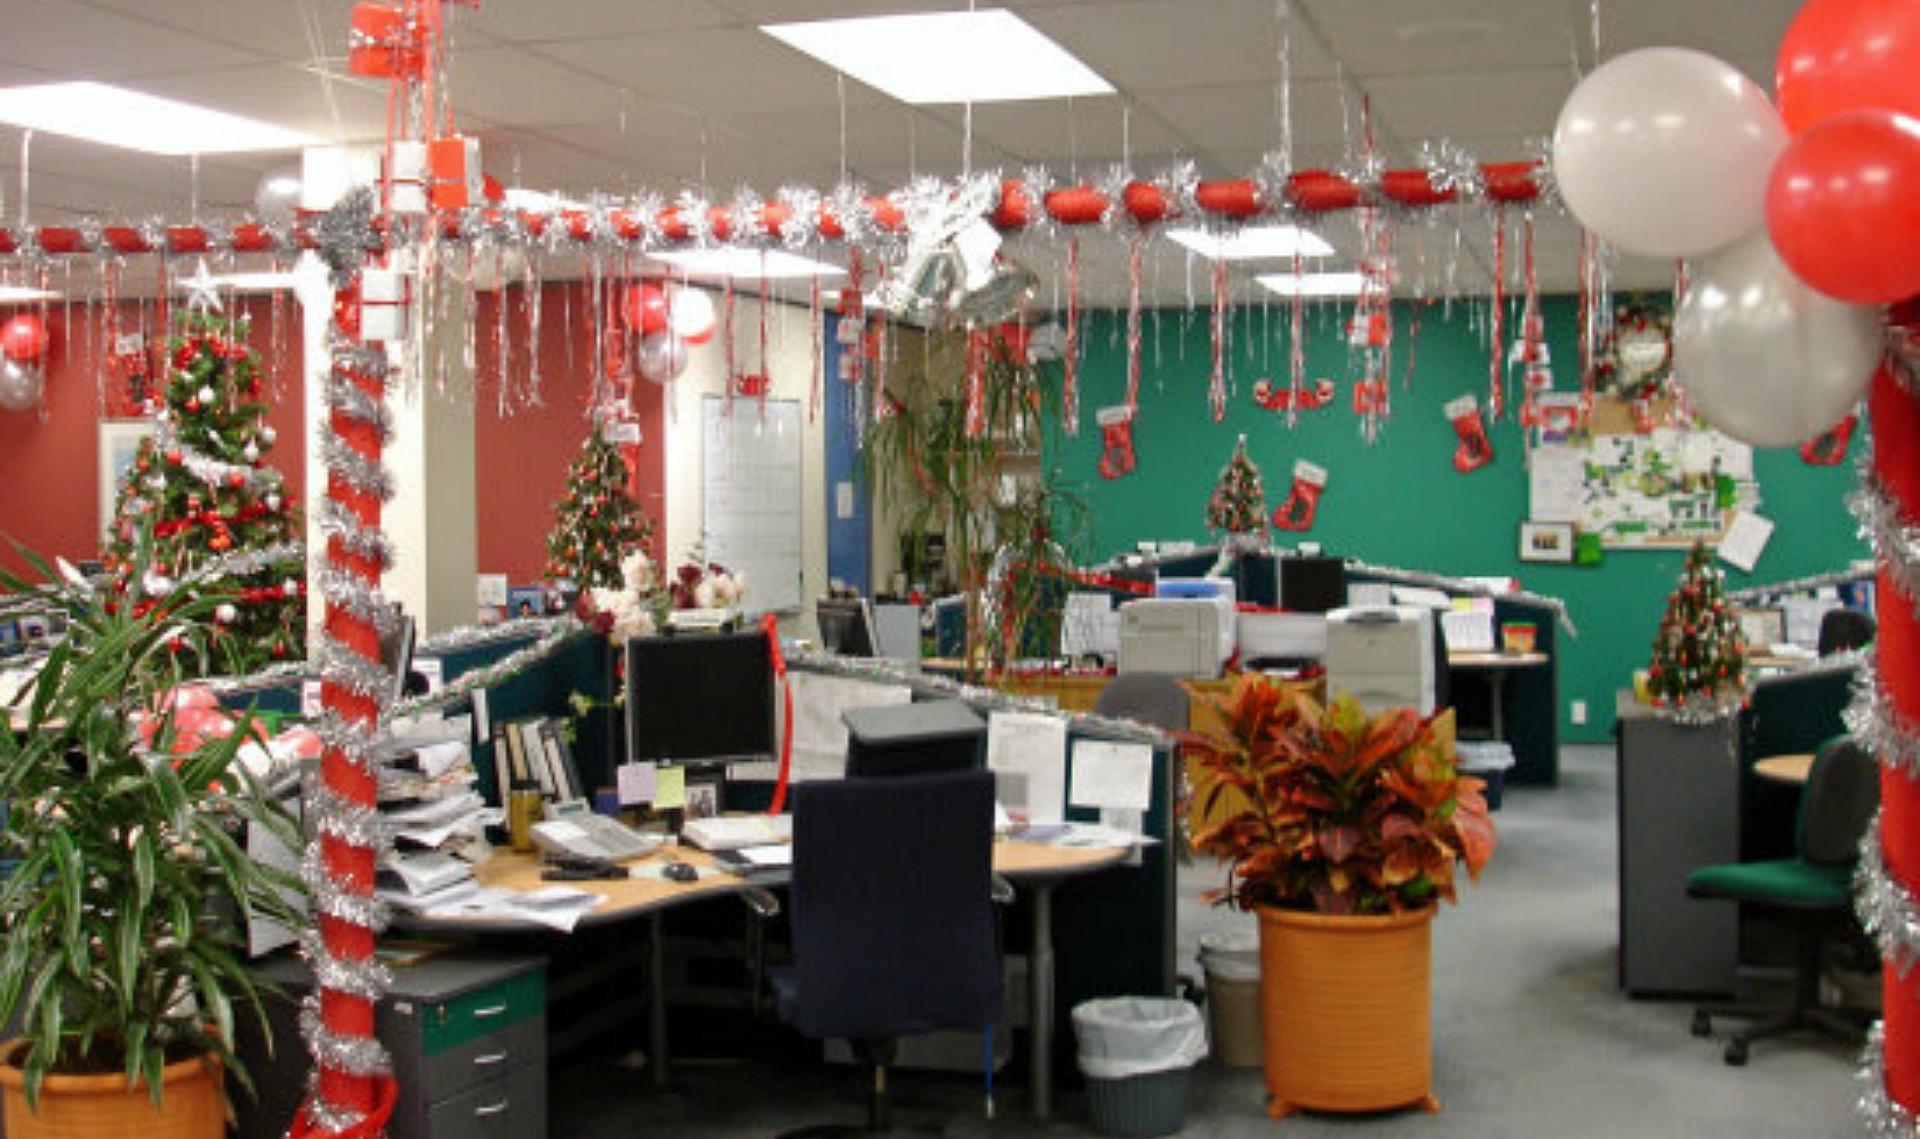 Украшения к новому году в офисе